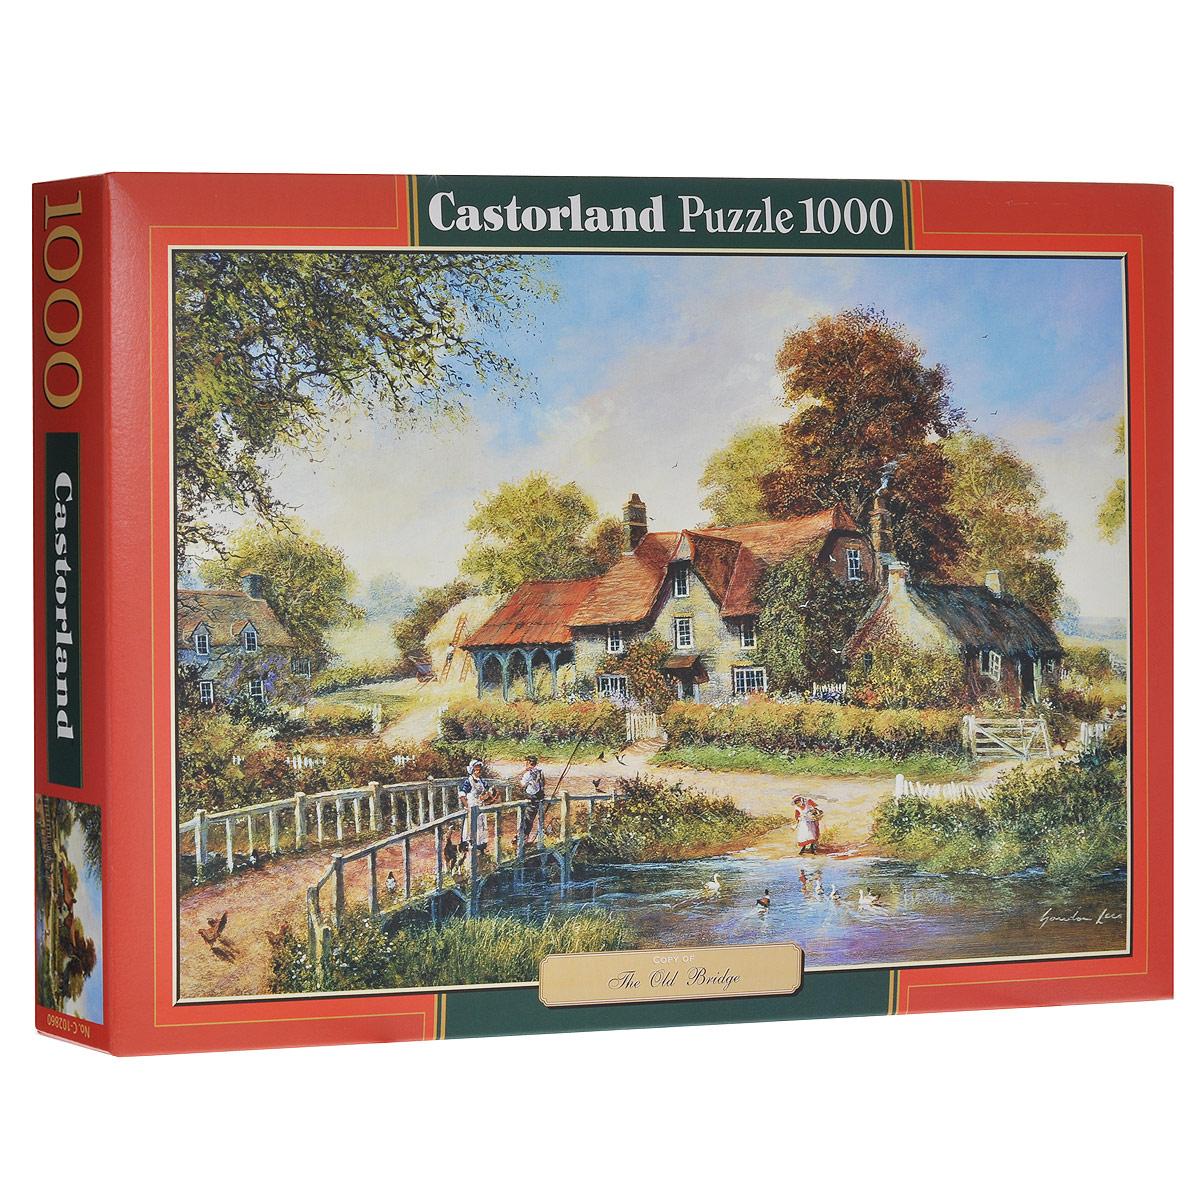 ������ ����. ����, 1000 ��������� - Castorland�-102860���� ������ ����, ��� ��������, �������� ��� �� ����. ������ ���� ����, ���������� � ���� 1000 ���������, �� �������� ������������ �������. ���� - ������������ ���� ��� ��������� ������. ������� ��������� ������ ����� �������� ����������, ������� �������, ��������� ����� ������������� ��������, ��������� ������������� ����� ������������� ����. � ��� ����� ��� �� ������ ���������, �� � �������. ��������� ����� ��������� ������ �������� � �������, ��������� ����������������, ���������� ��������, �������� � ���������� �����, � ������ � �������������� �������.